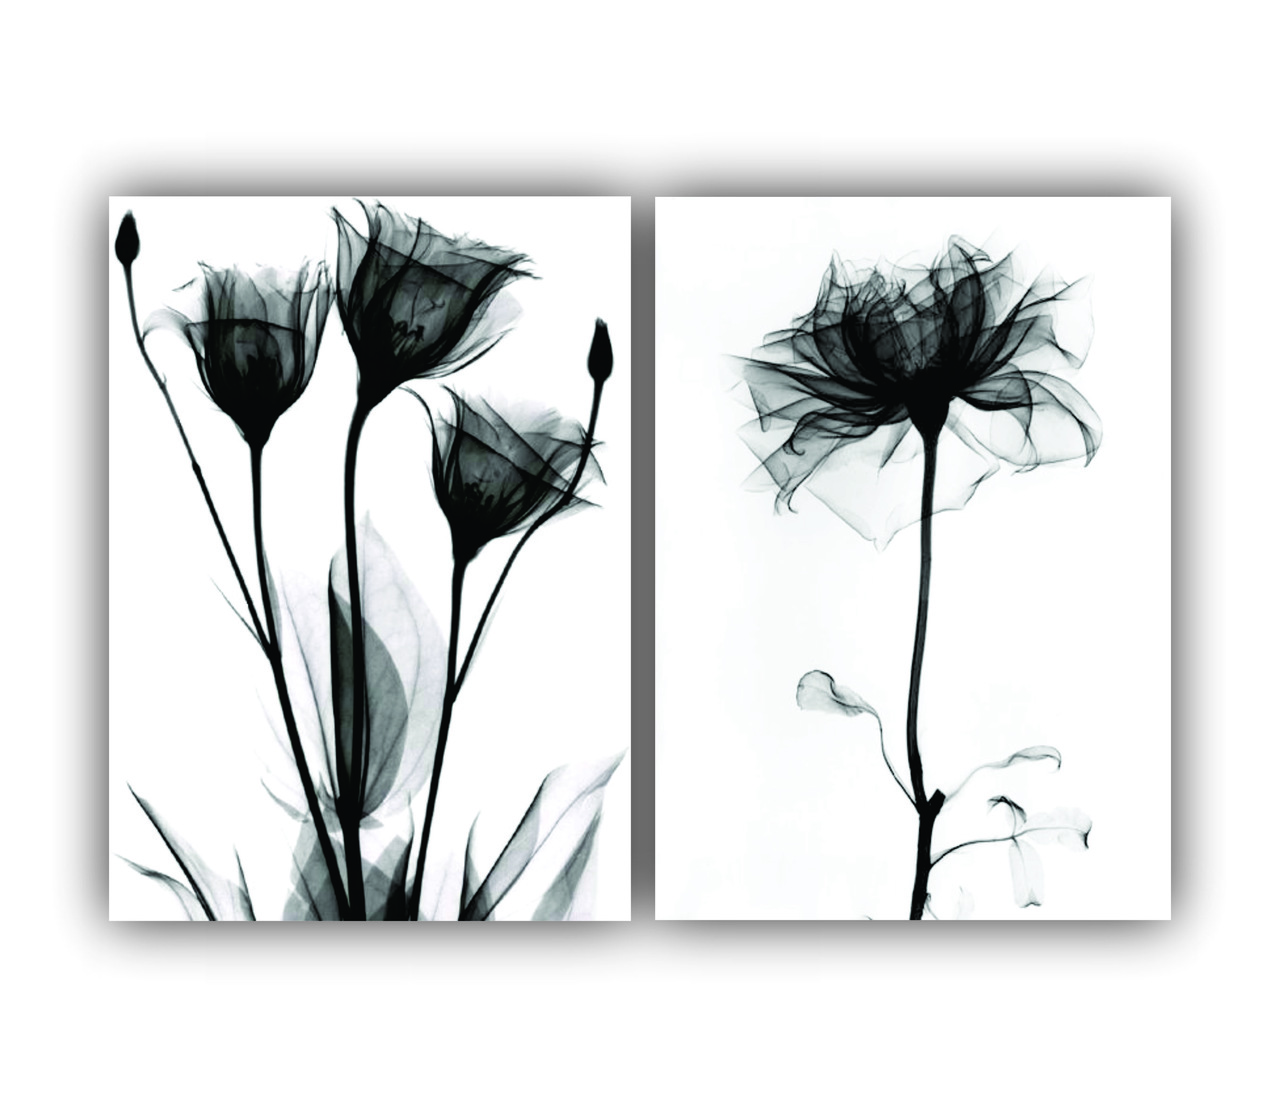 Quadro Flores Sombreamento Moderno -  Kit 2 telas